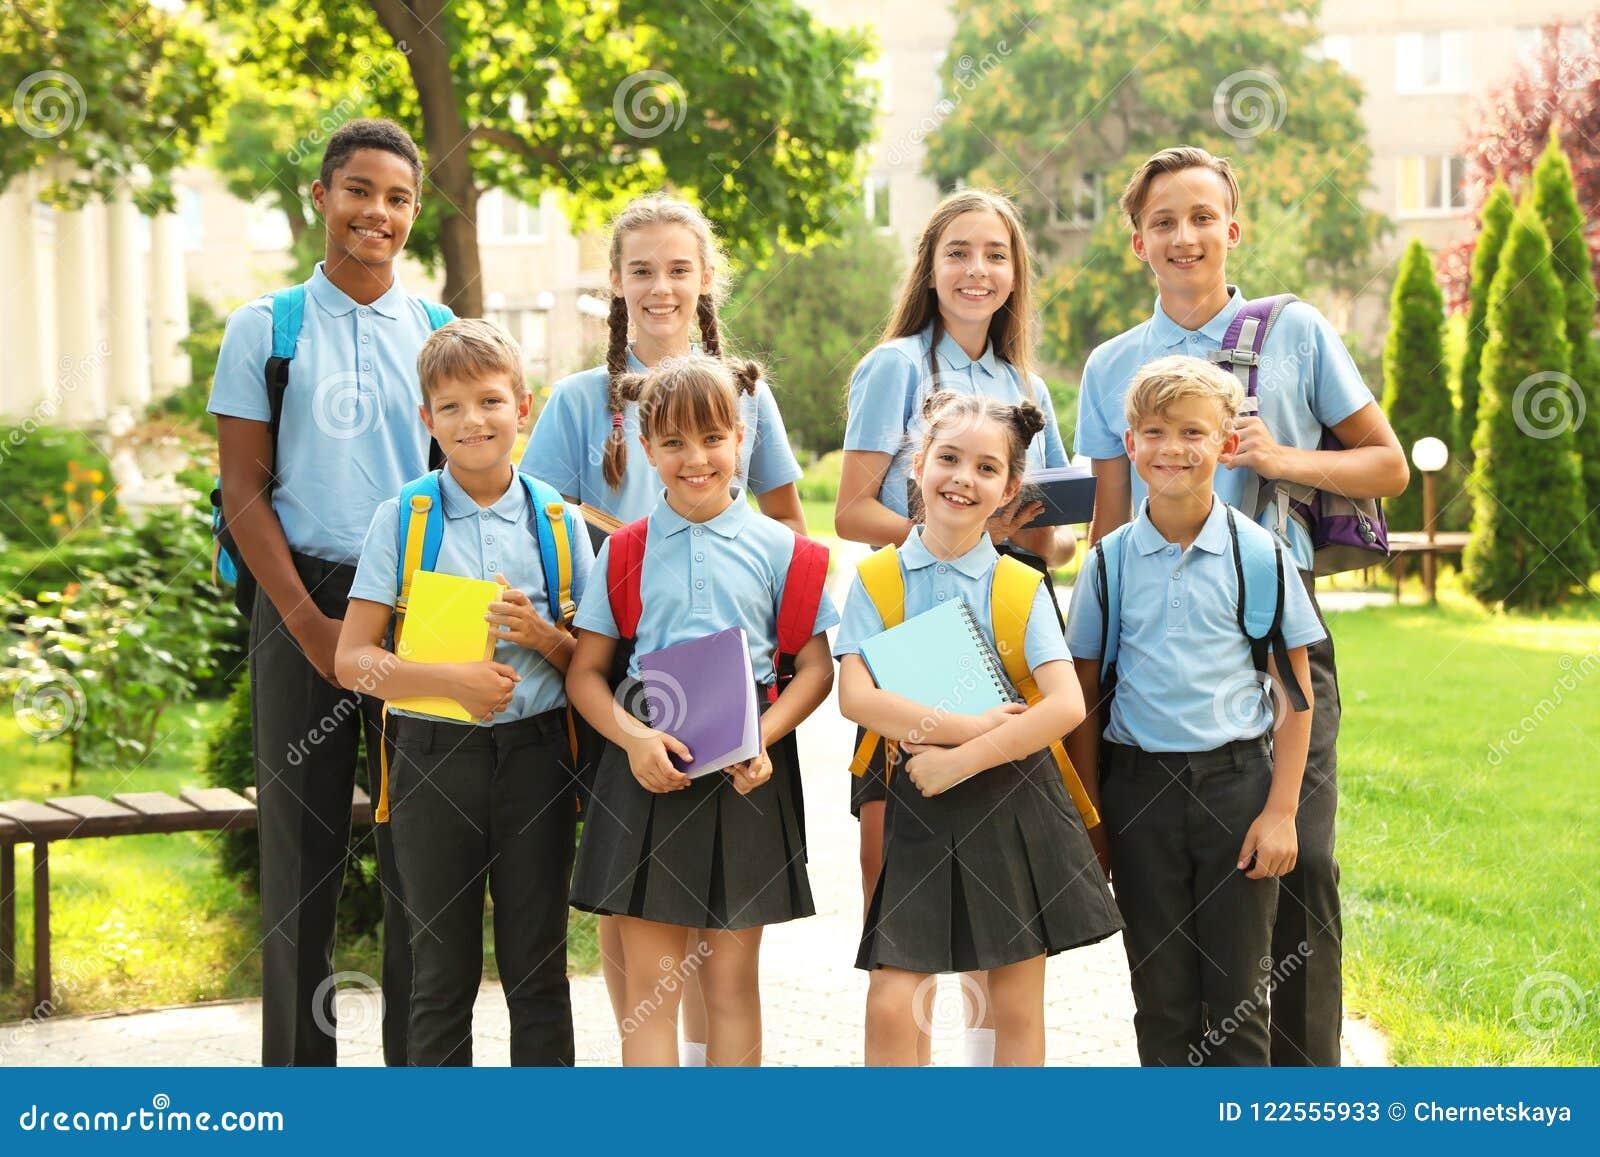 Grupo de niños en uniforme escolar elegante